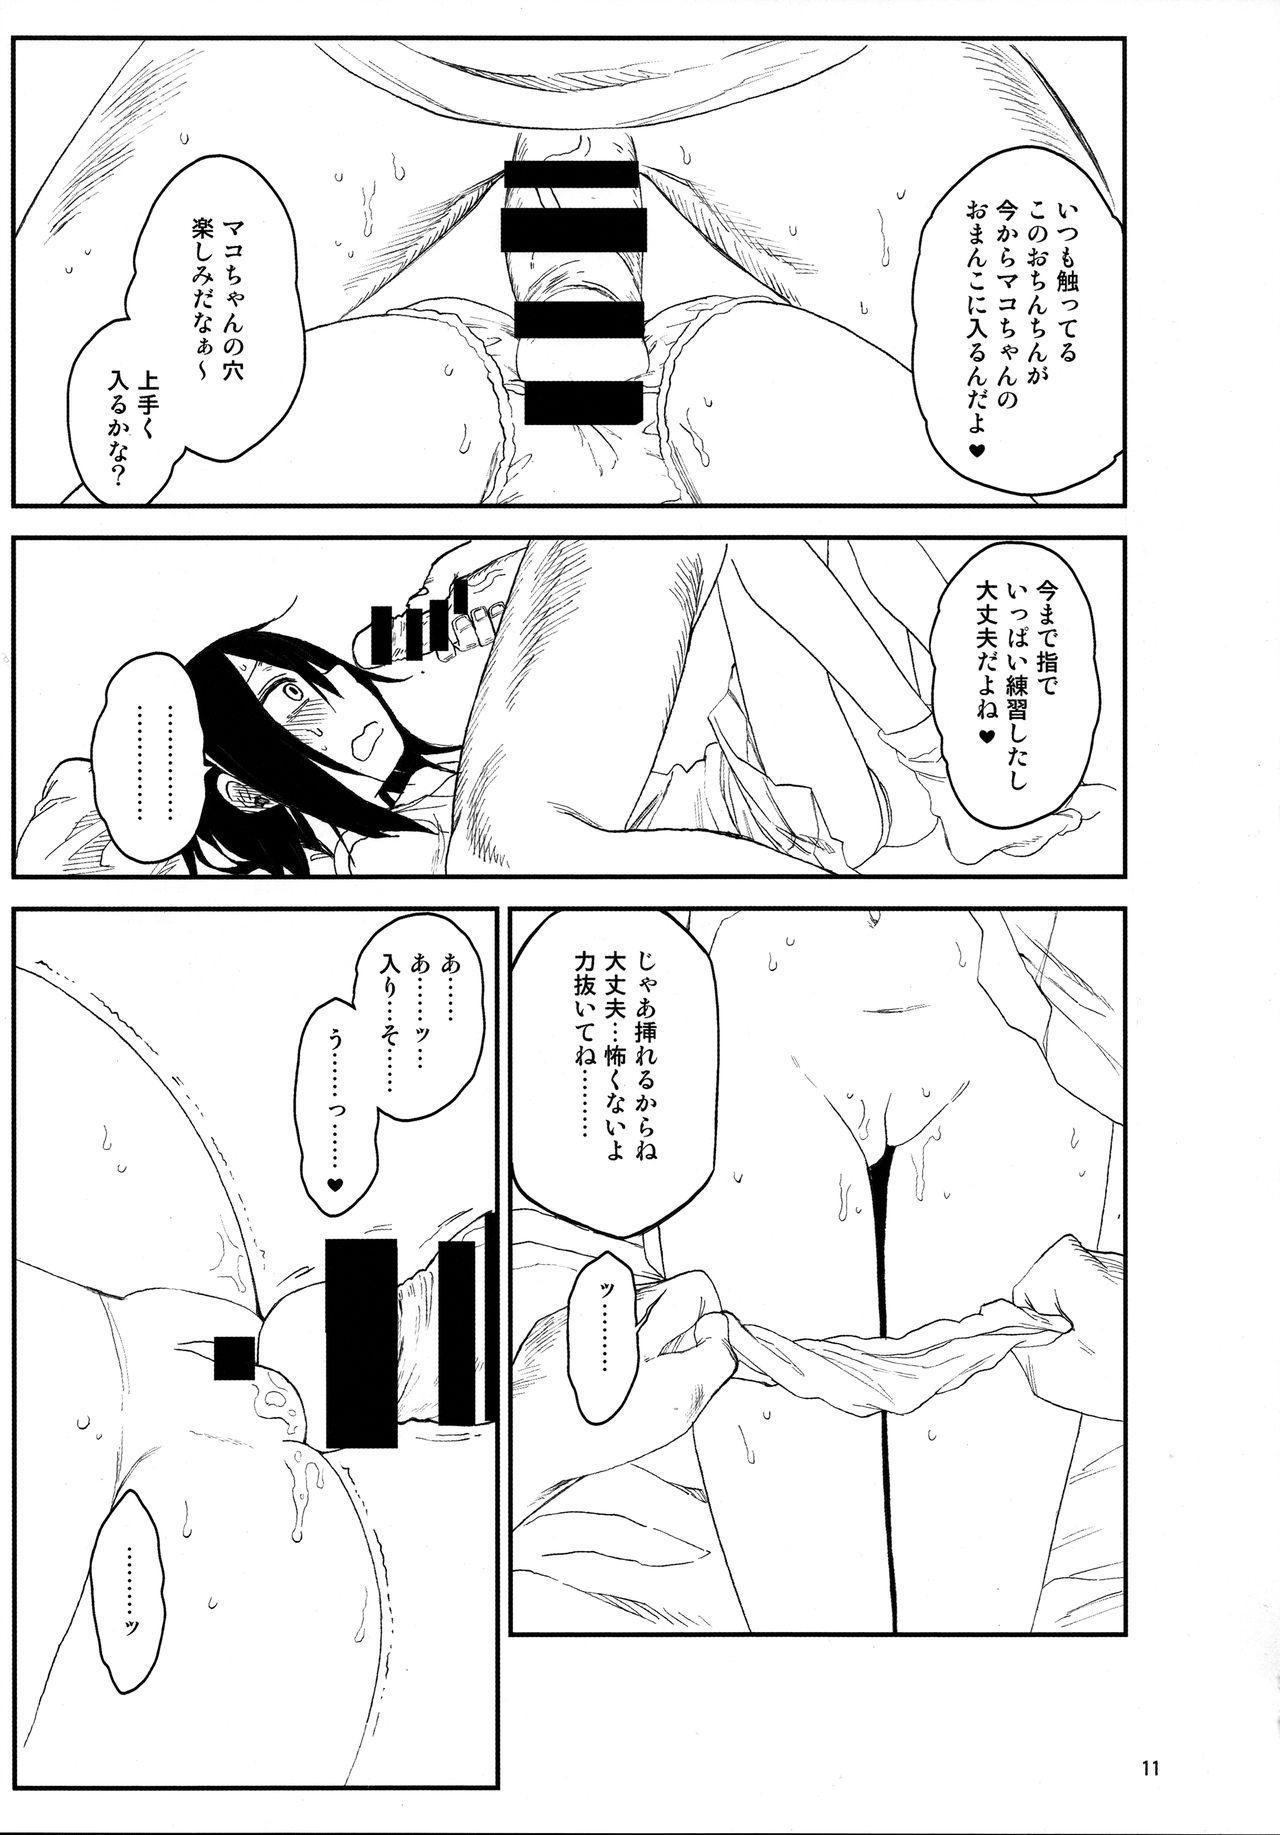 Tonari no Mako-chan Vol. 3 10